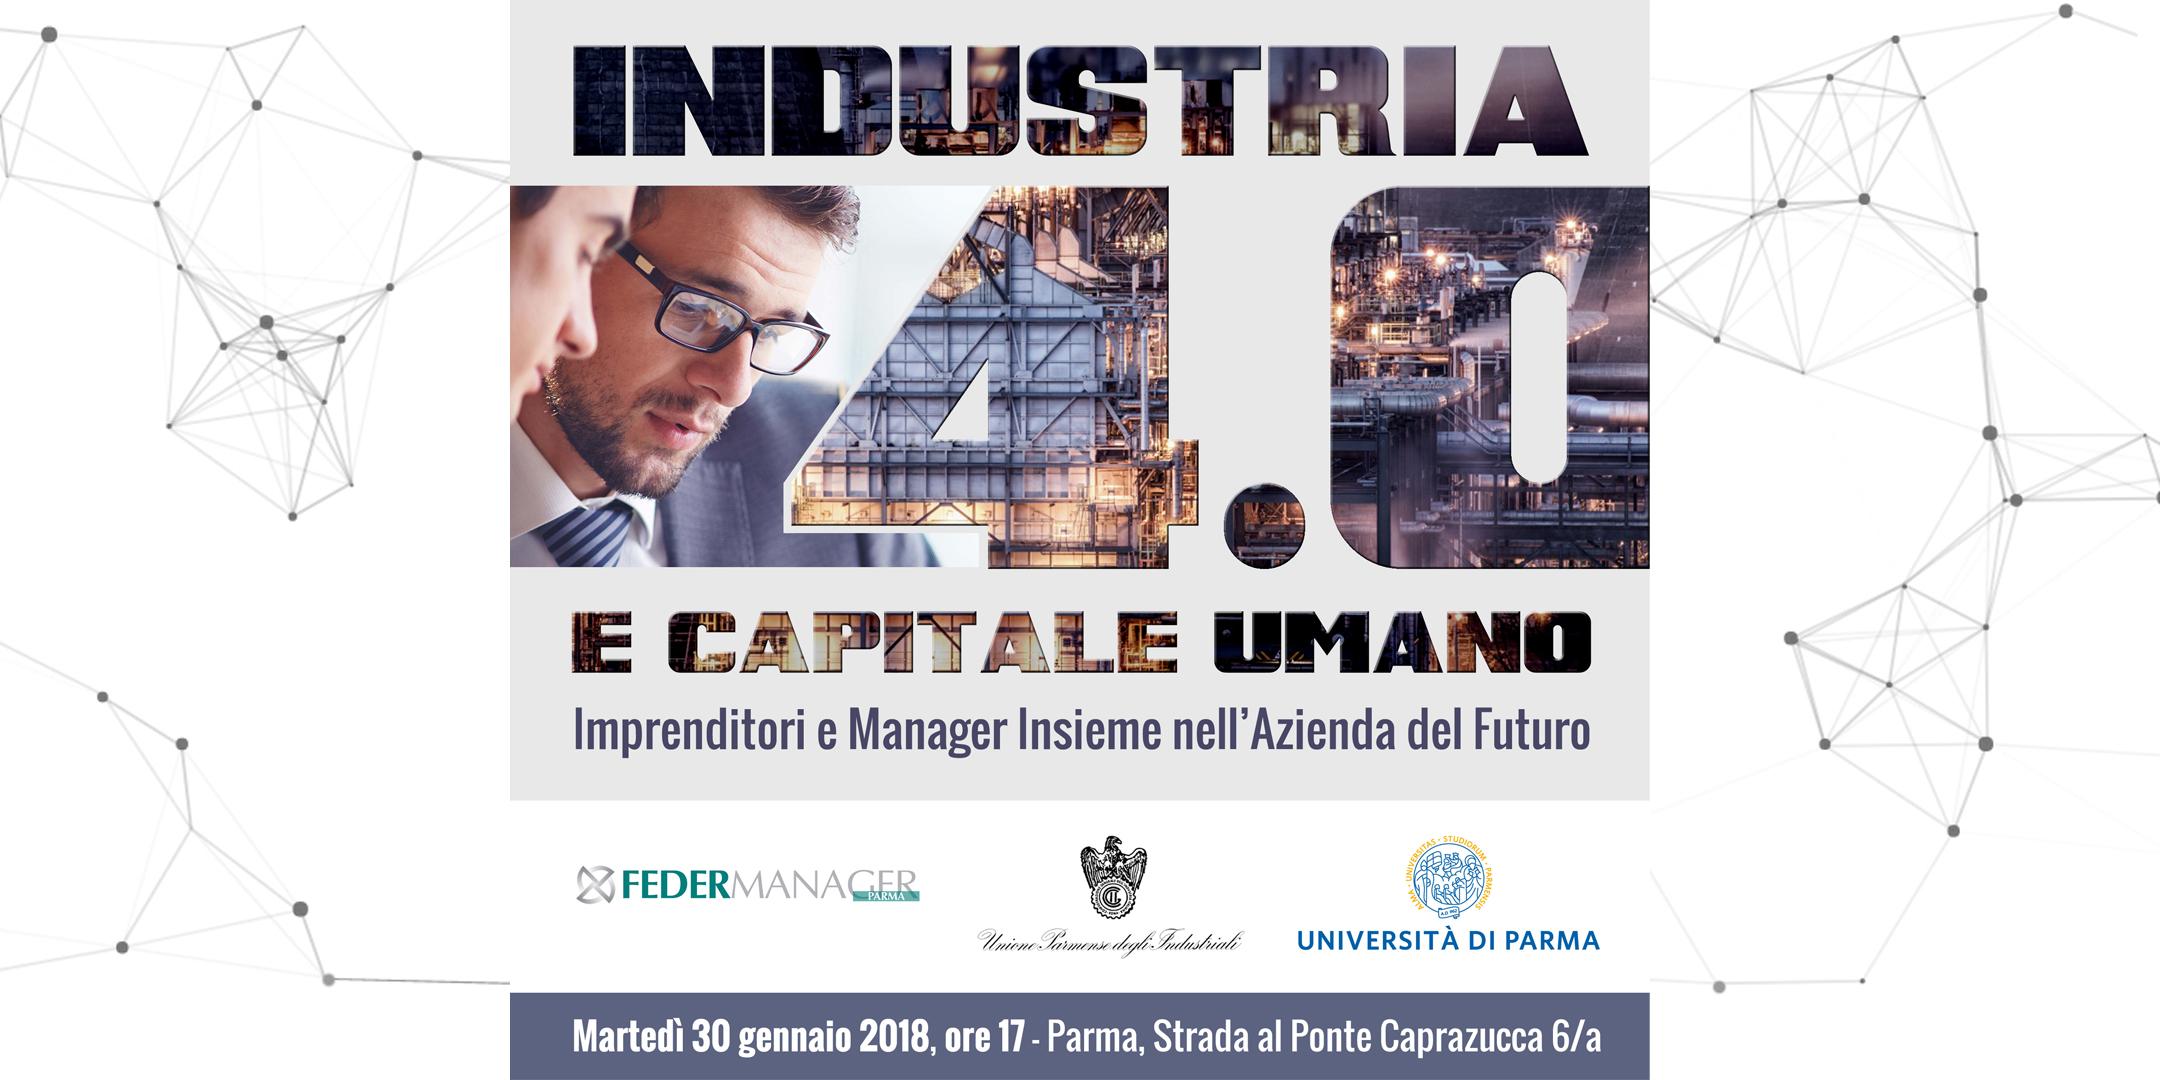 Industria 4.0 e Capitale Umano: Imprenditori e Manager insieme nell'azienda del futuro